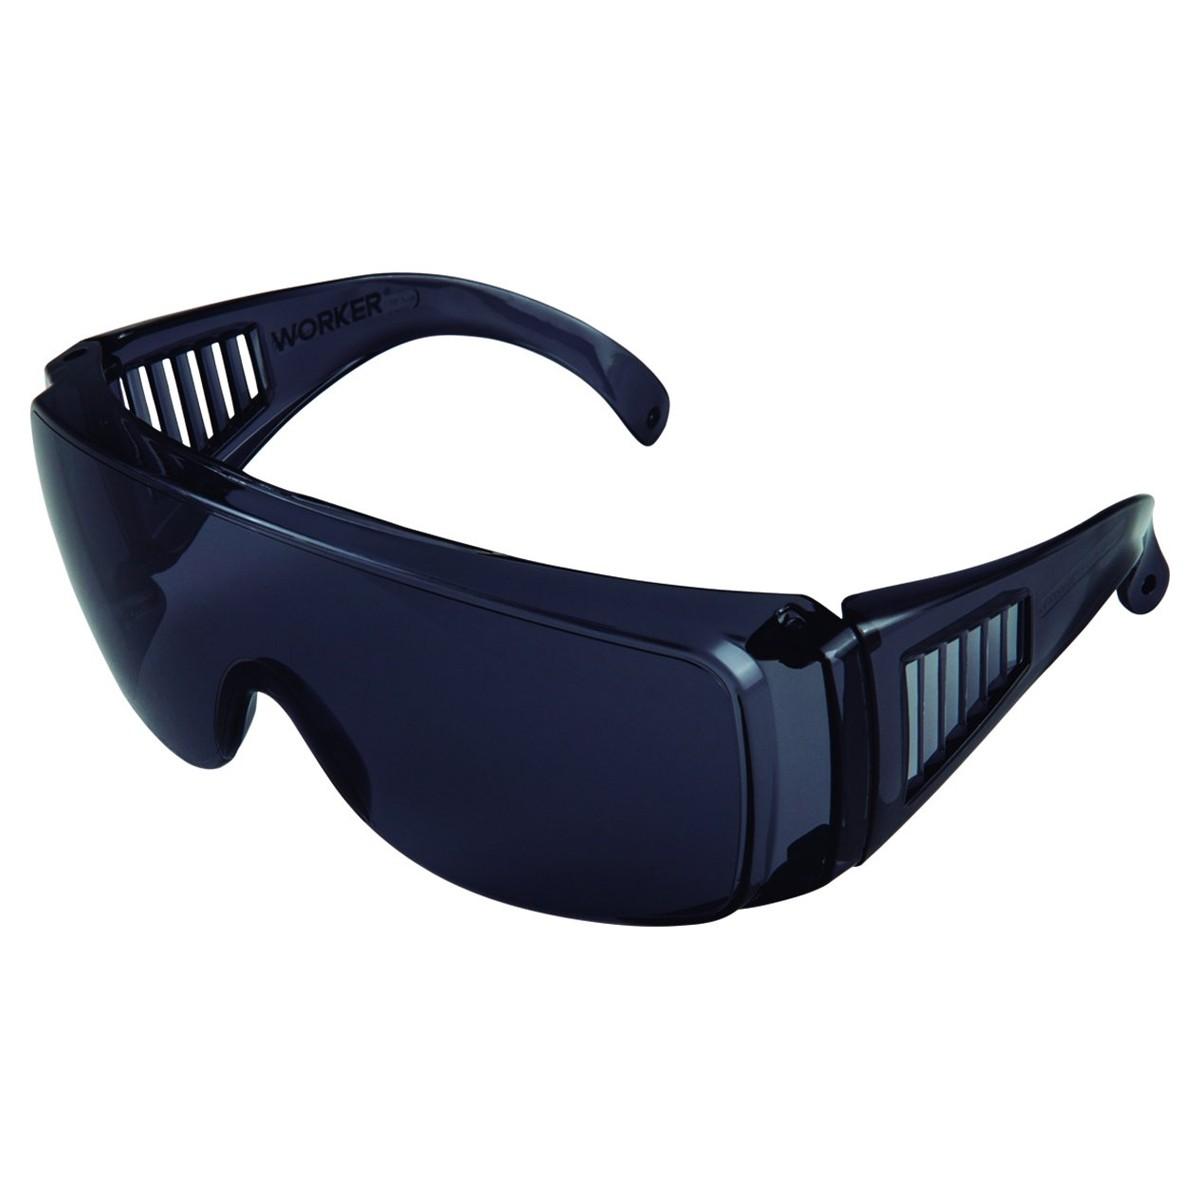 Óculos De Segurança Cinza Policarbonato Worker WK4-C - 495310